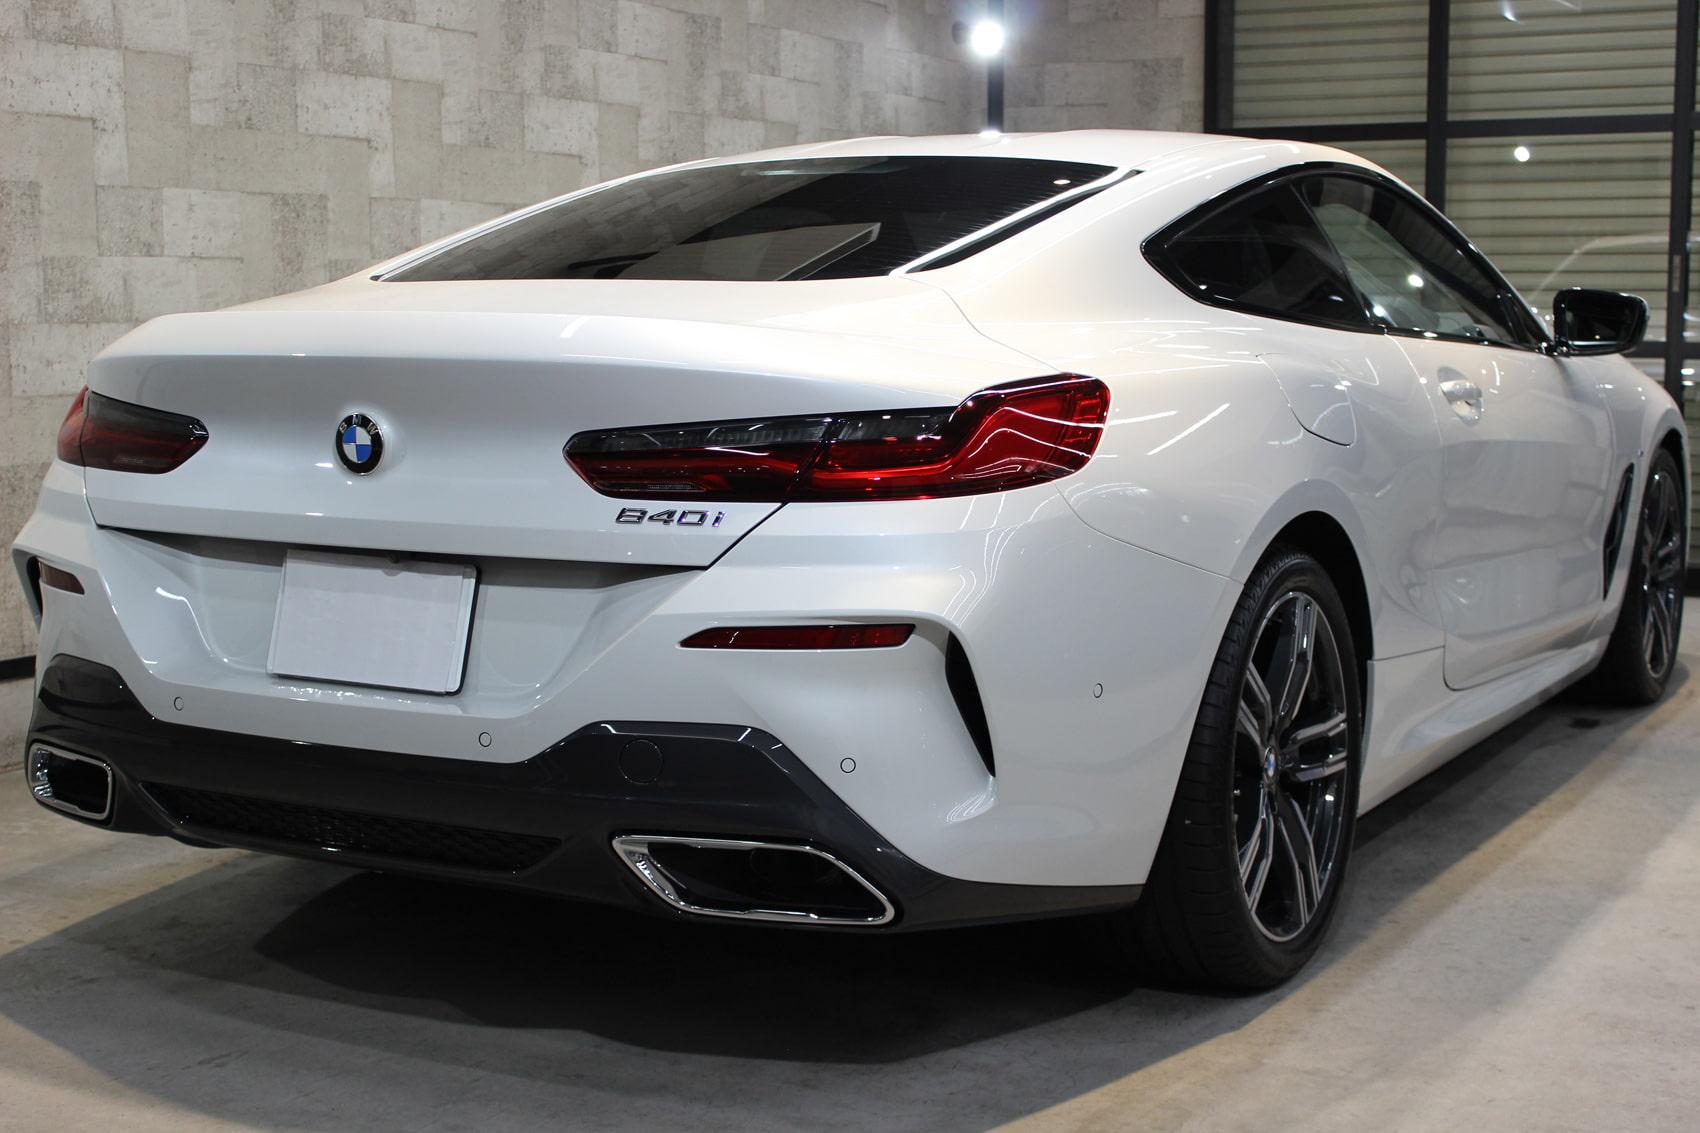 BMW 840iクーペ ミネラルホワイト マフラー